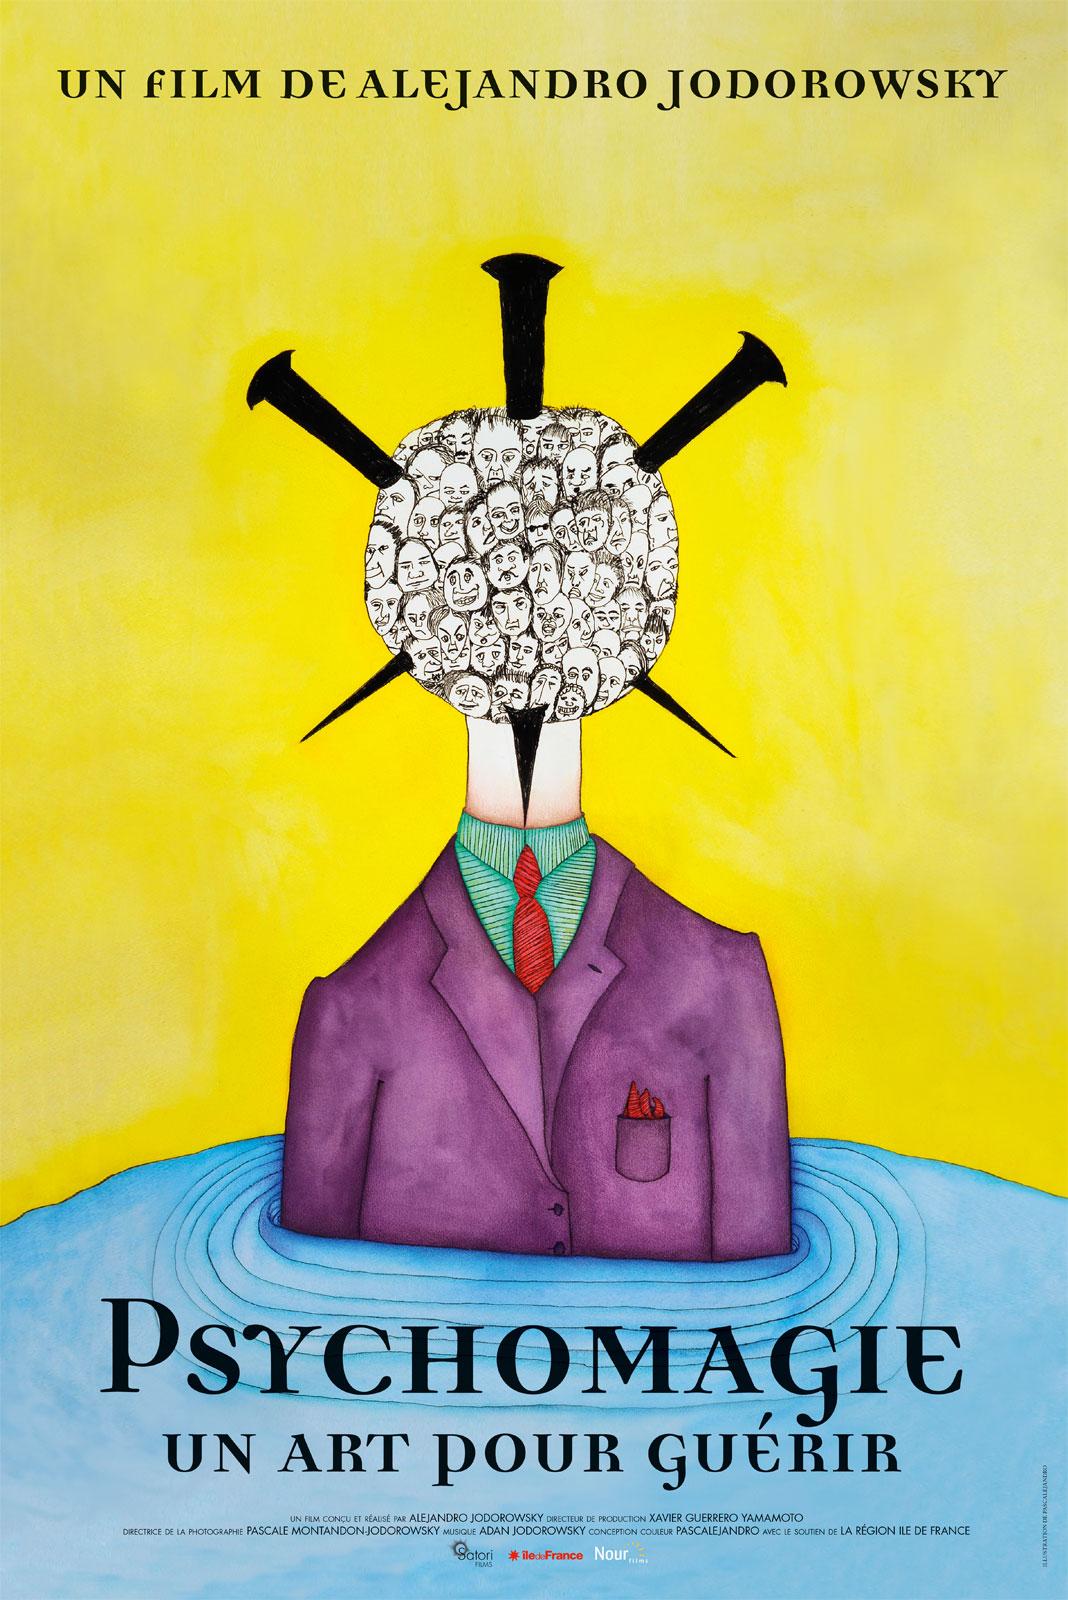 """Résultat de recherche d'images pour """"Psychomagie, un art pour guérir"""""""